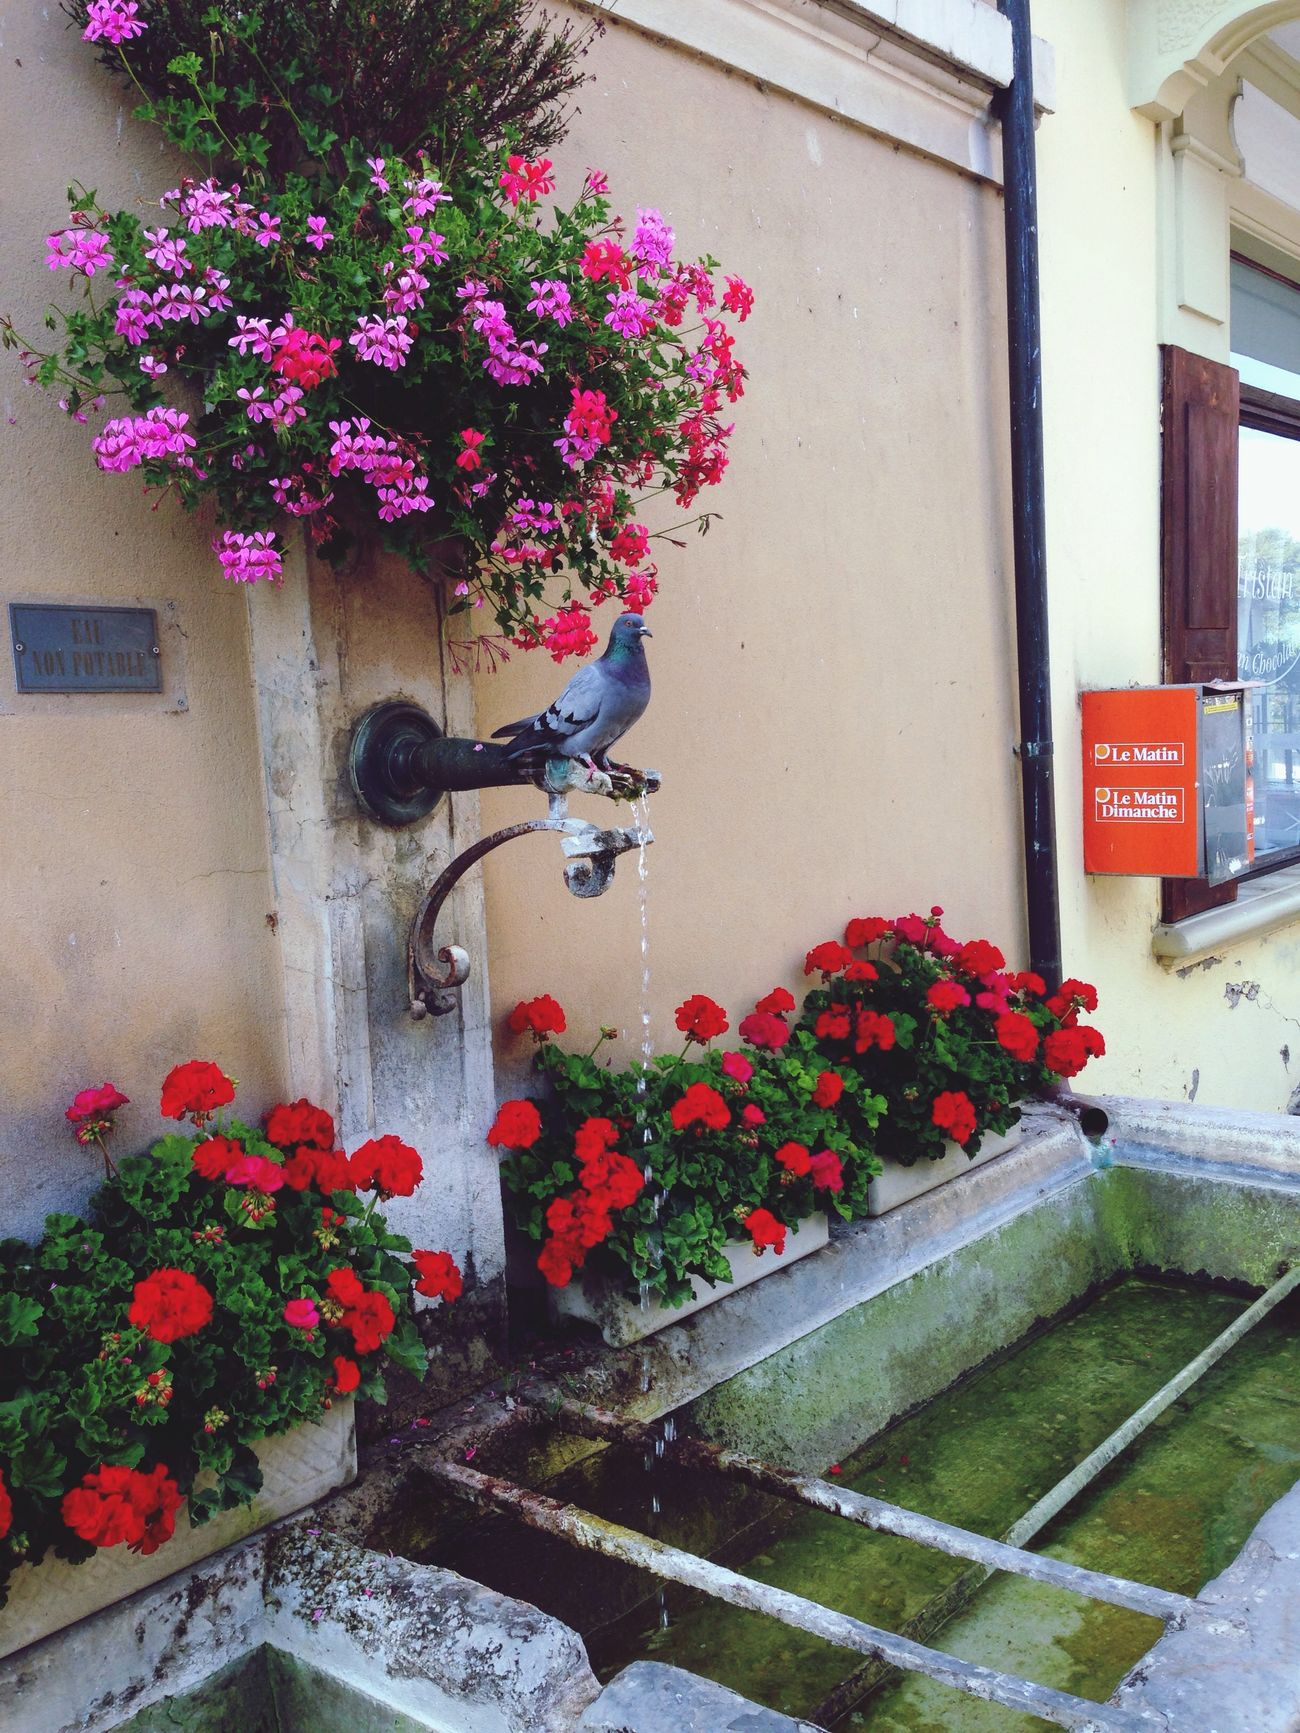 Vive les pigeons ma gueul